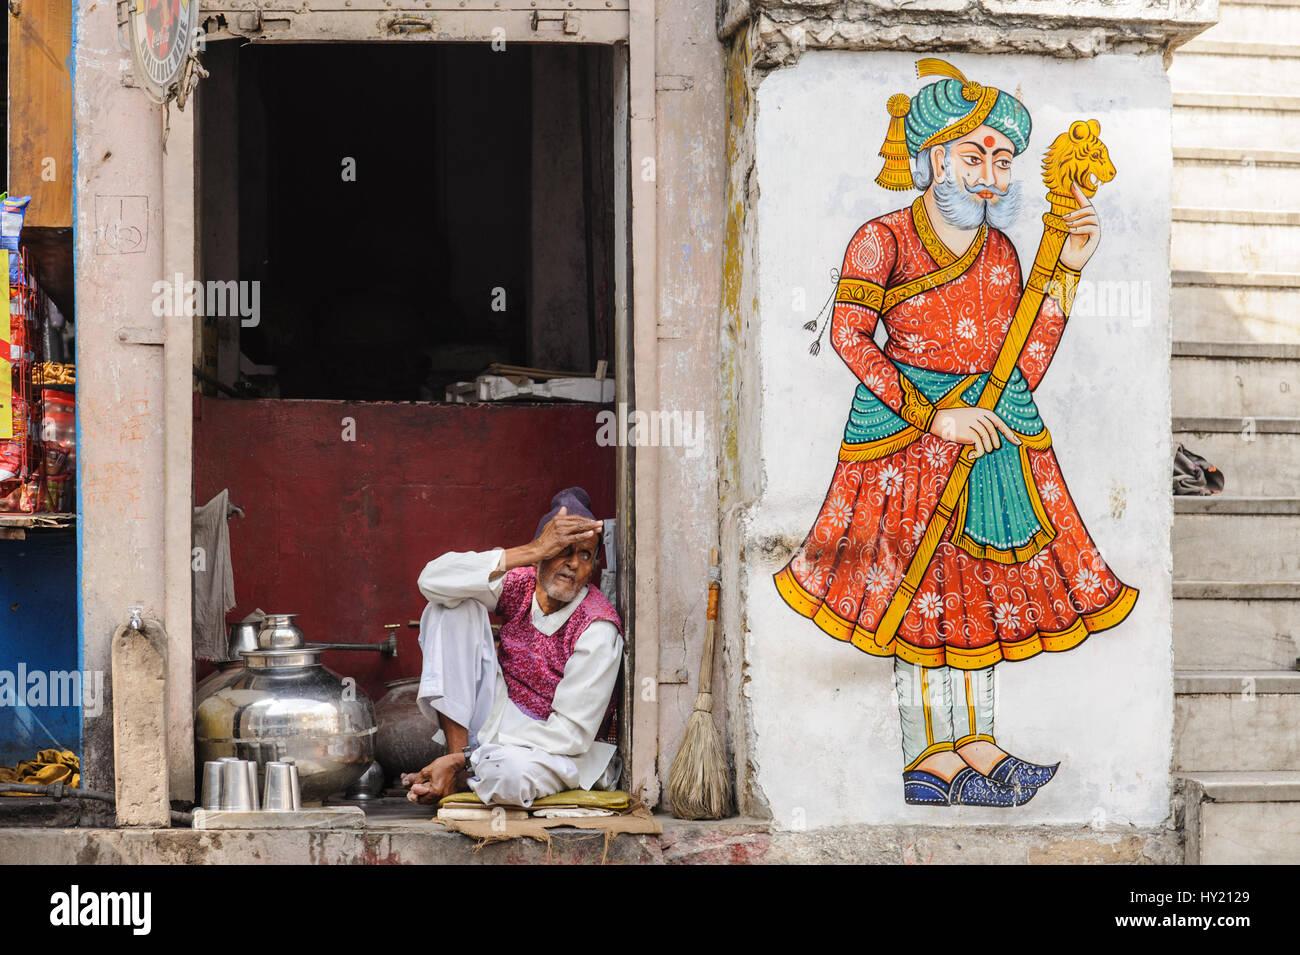 Chai wallah nella sua stalla accanto a un Rajput pittura murale in Udaipur Immagini Stock